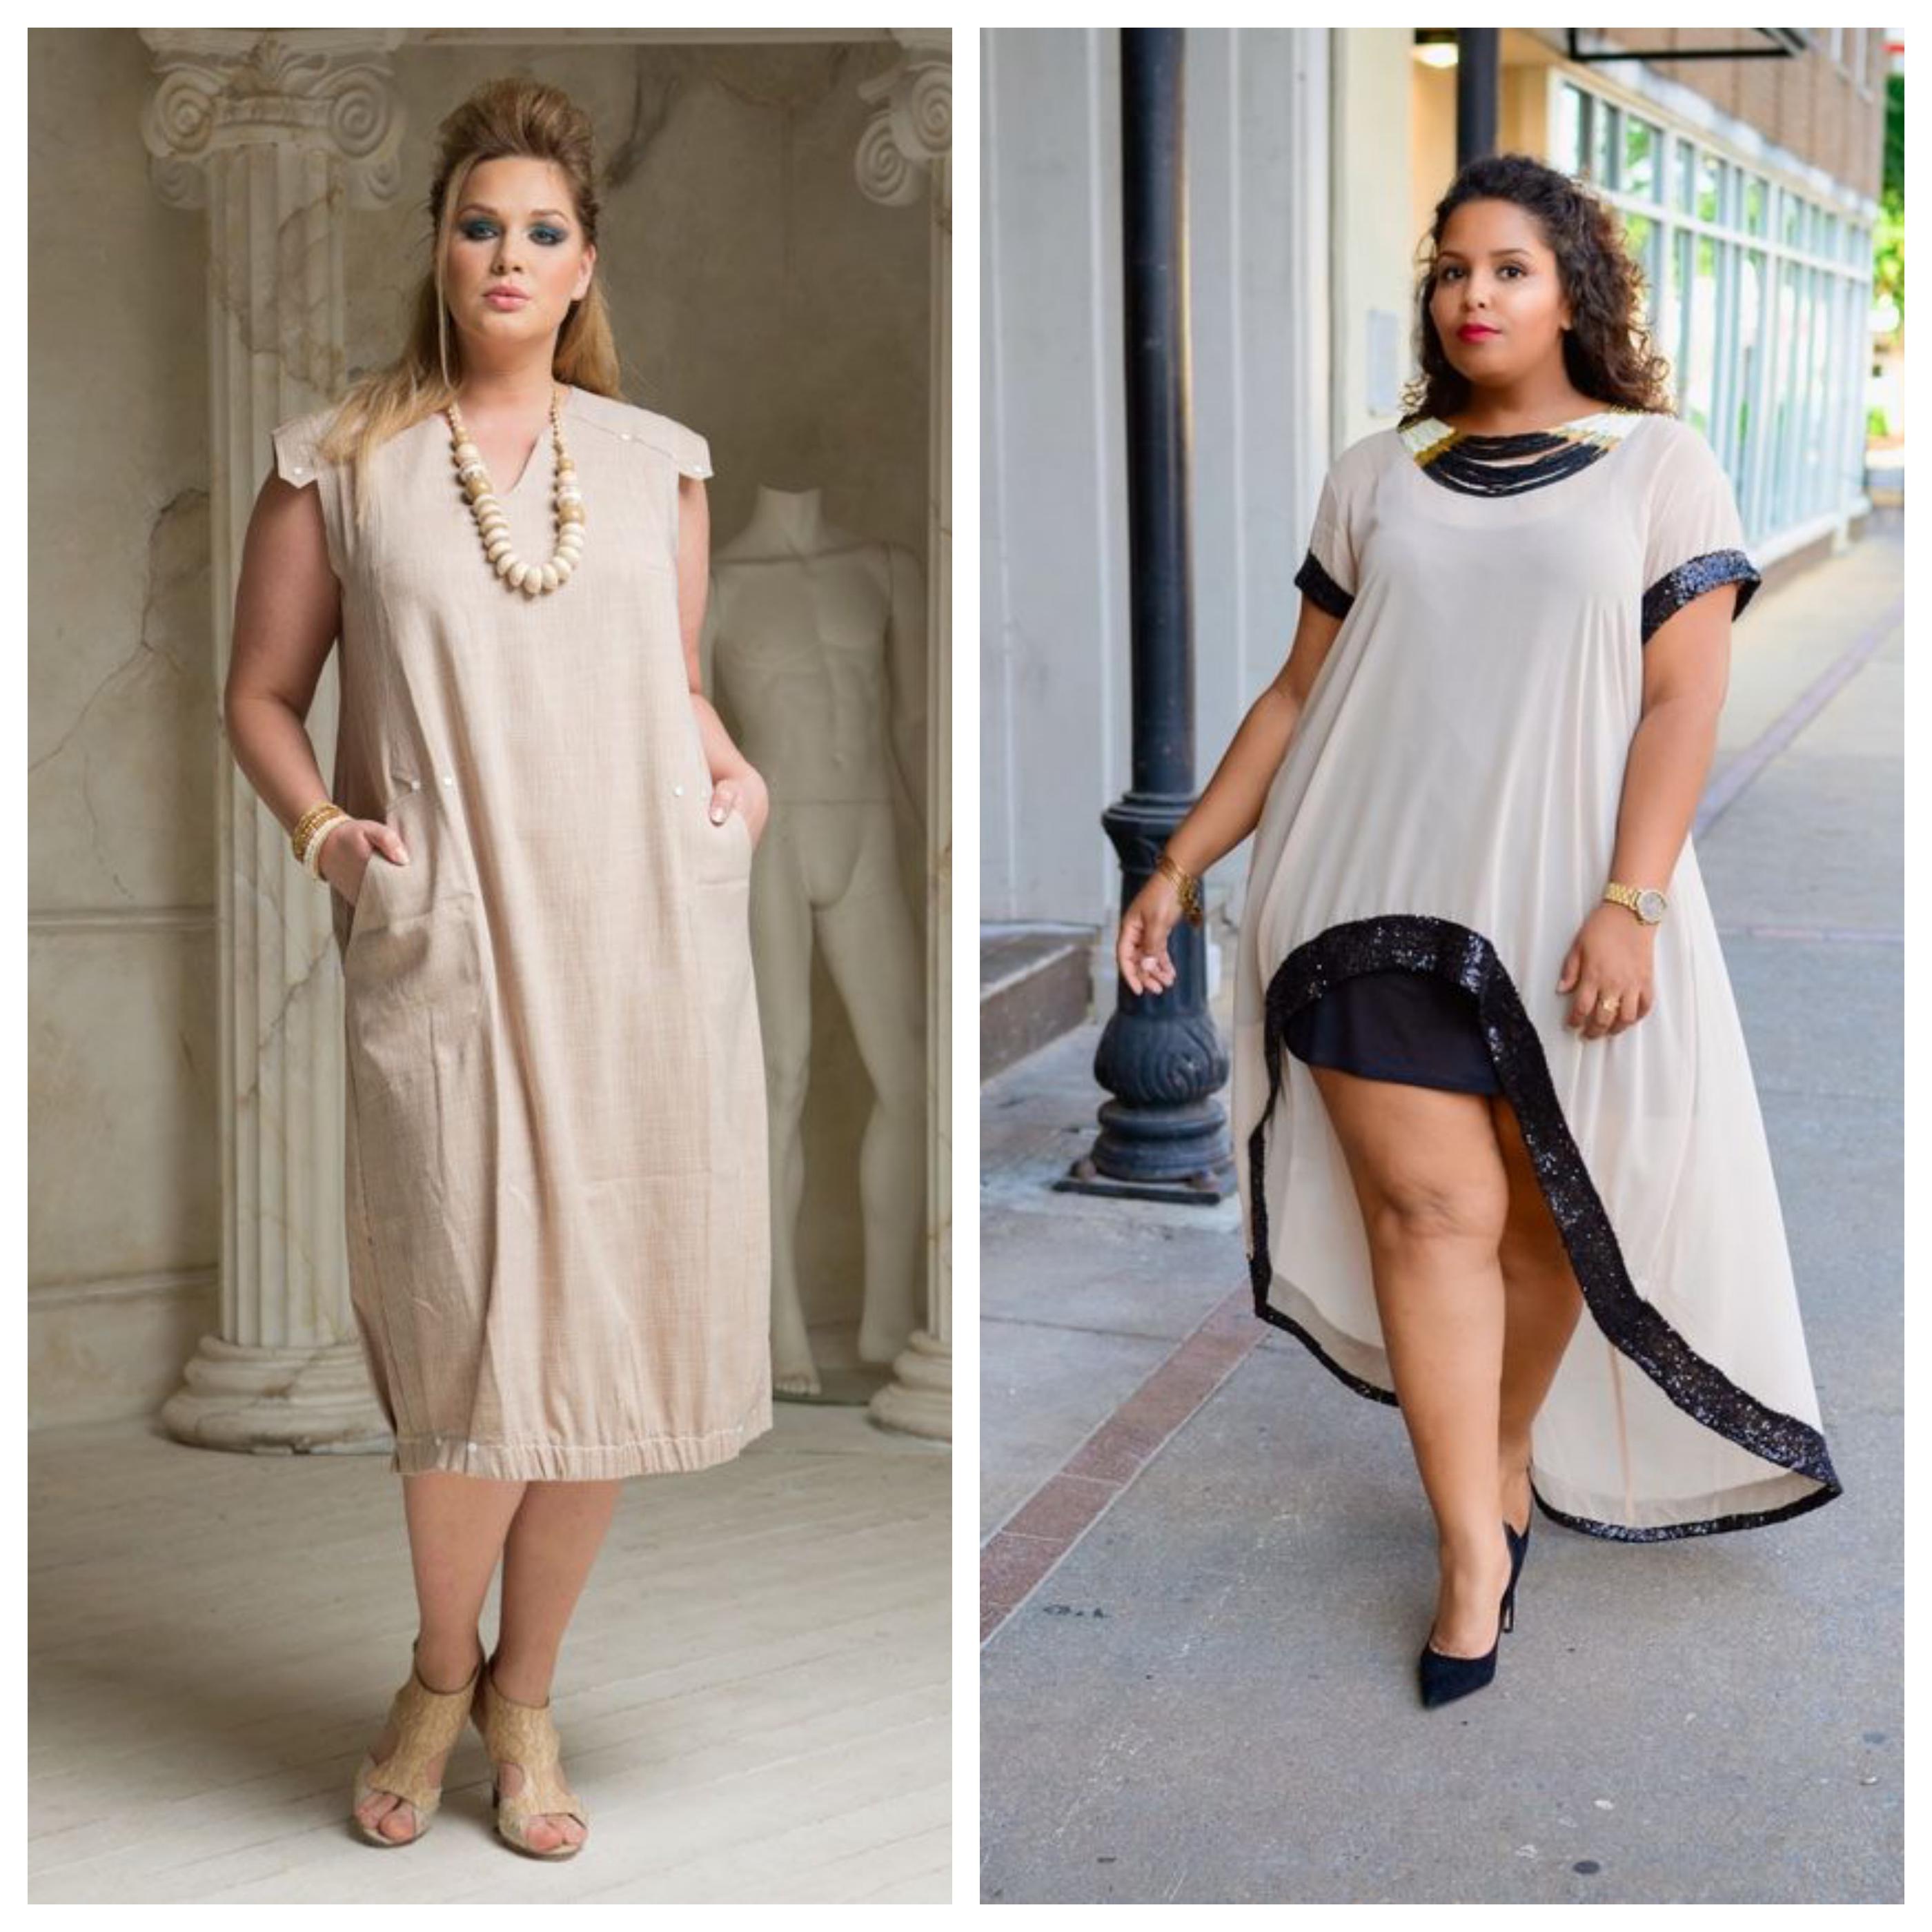 Детали и аксессуары в моде для полных